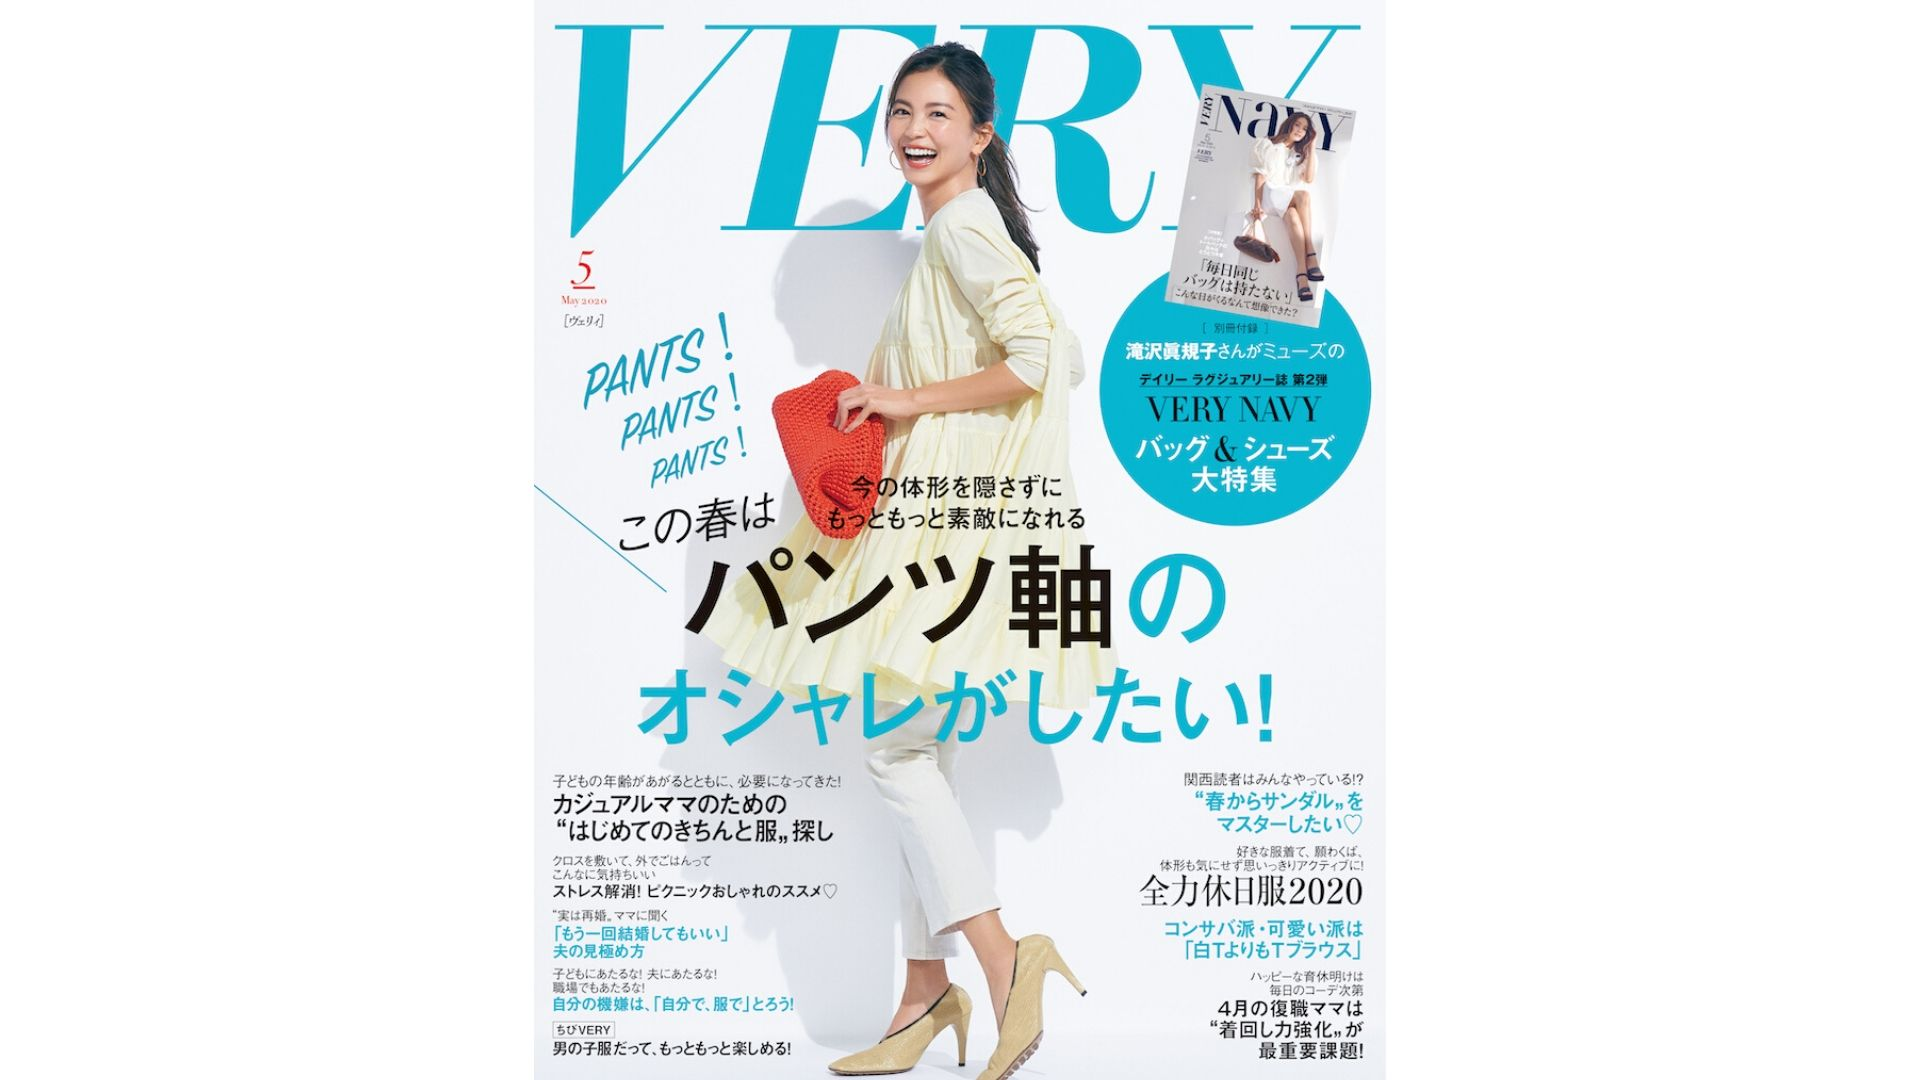 【メディア掲載情報】雑誌「VERY」にdevirockの商品が掲載されました。